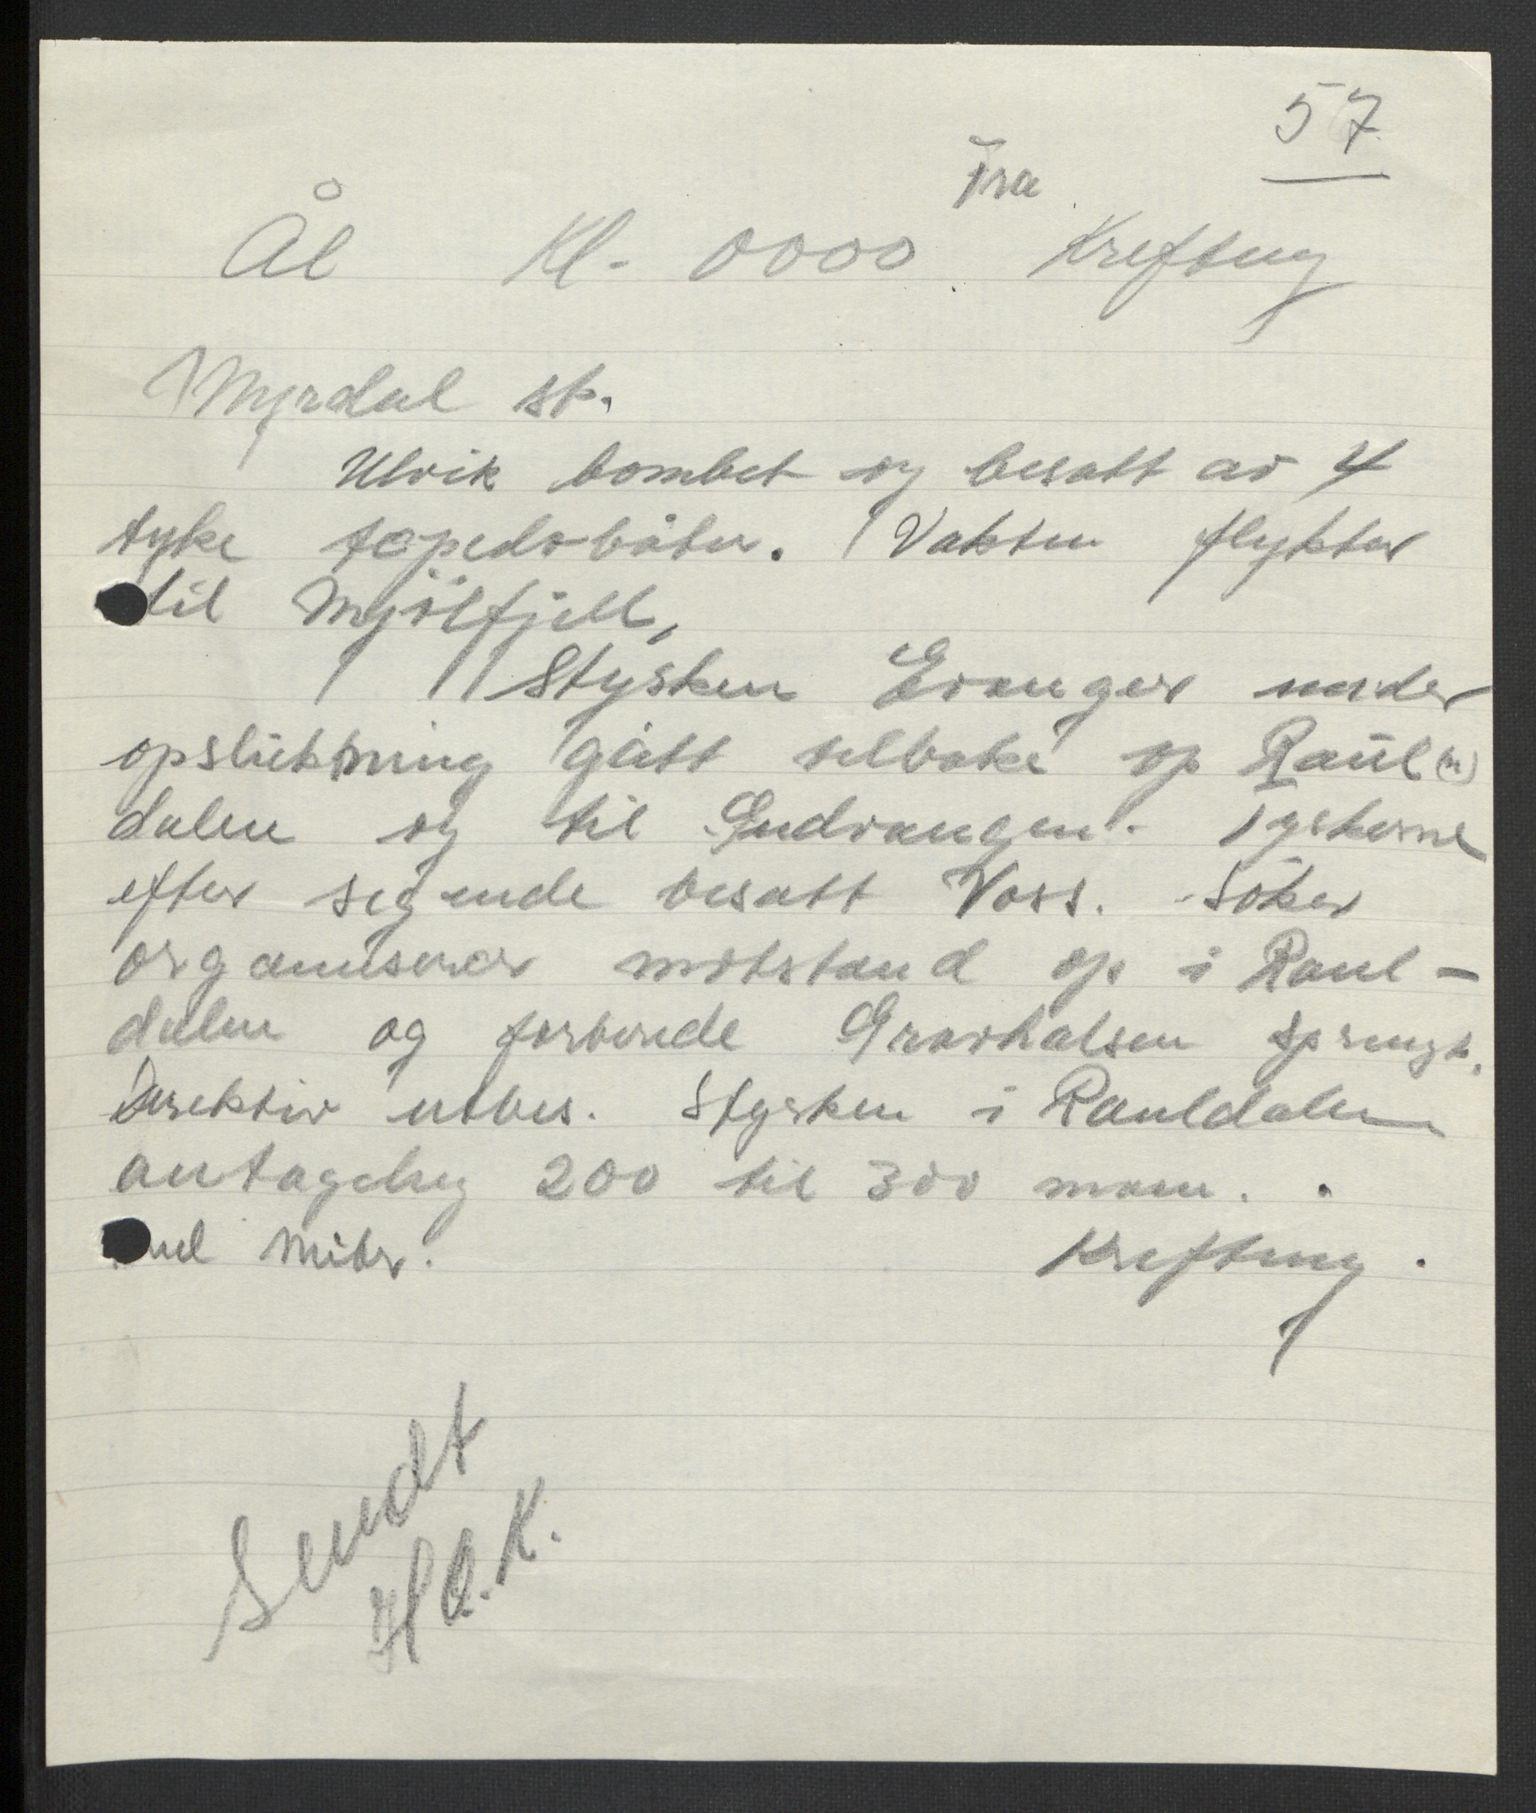 RA, Forsvaret, Forsvarets krigshistoriske avdeling, Y/Yb/L0104: II-C-11-430  -  4. Divisjon., 1940, s. 217